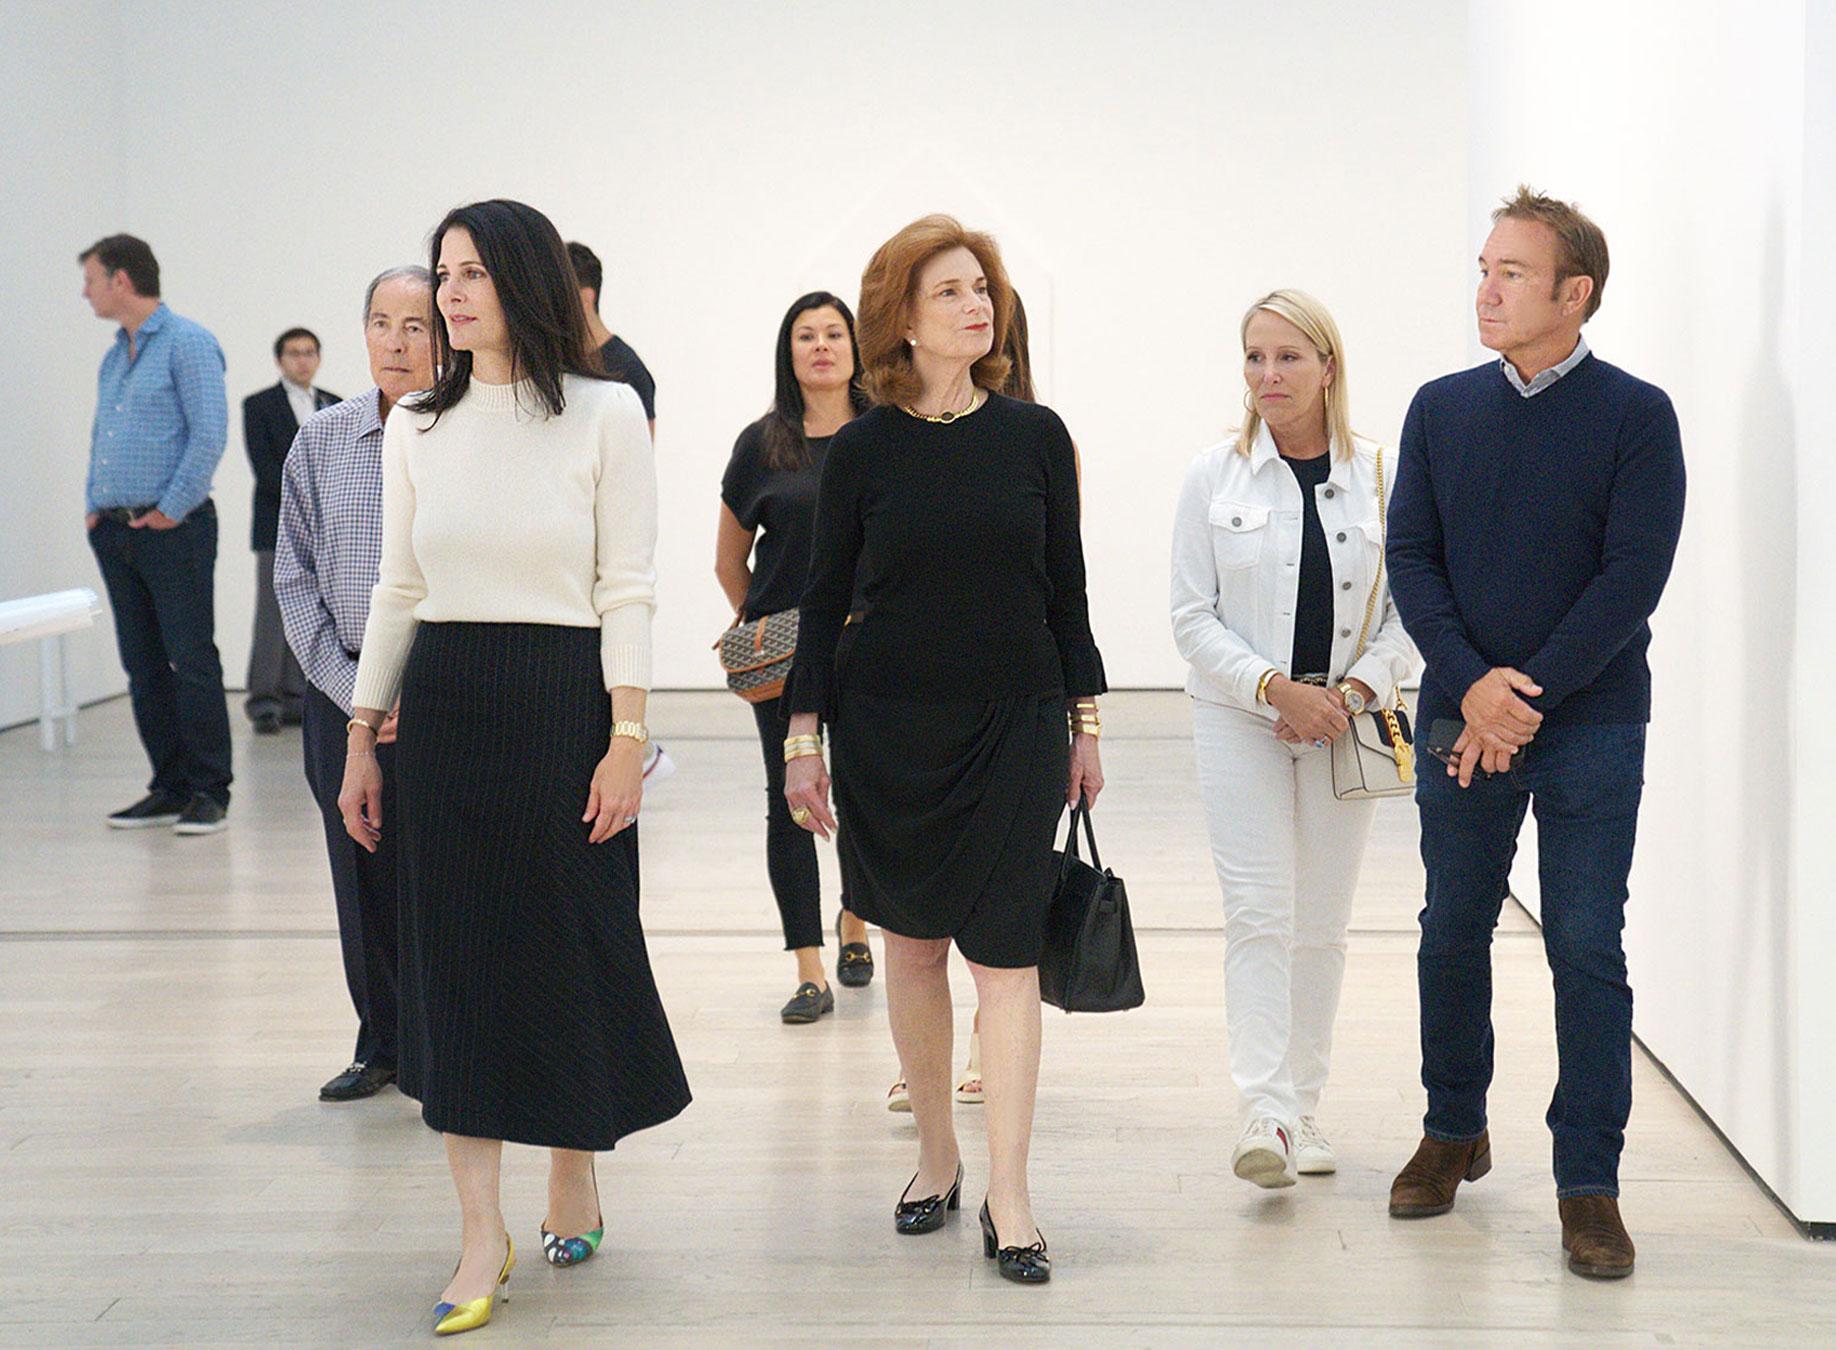 Los Angeles Cece Karz Art Group Tours